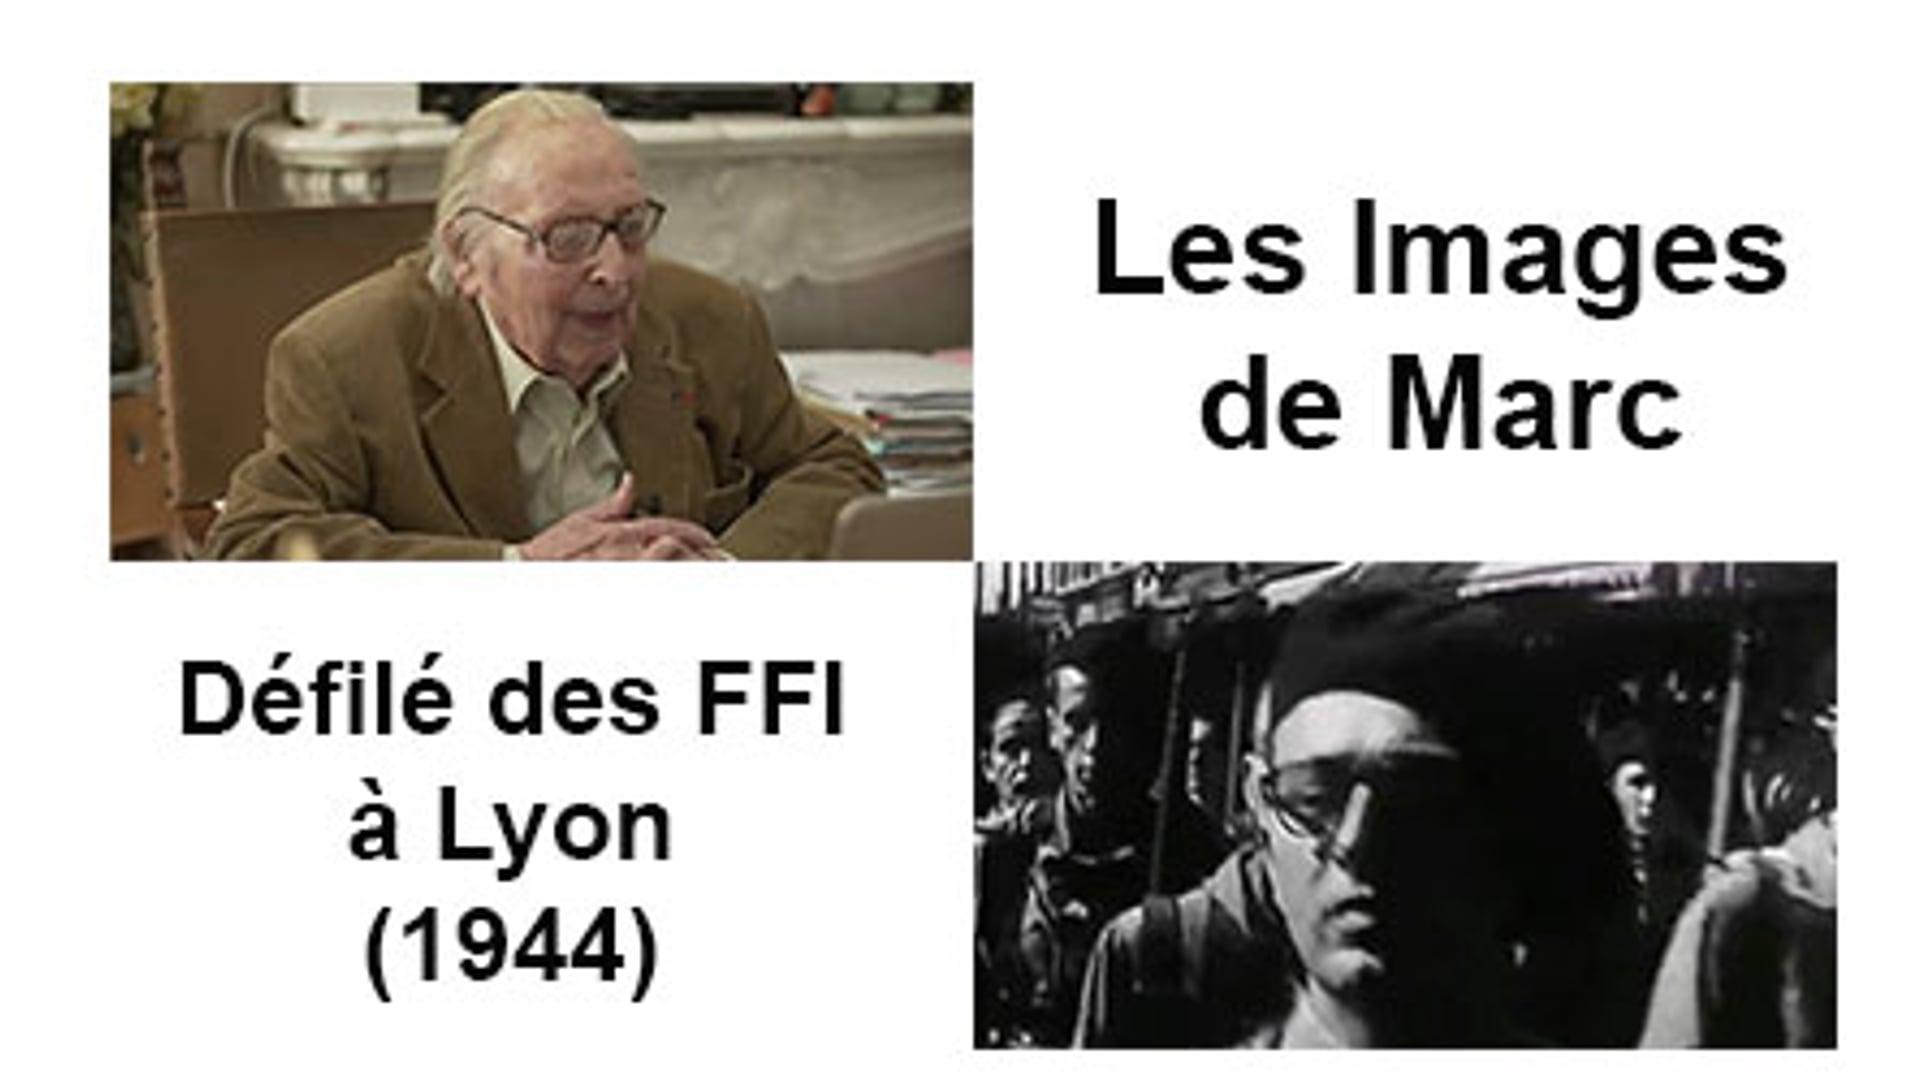 Défilé des FFI à Lyon (1944)